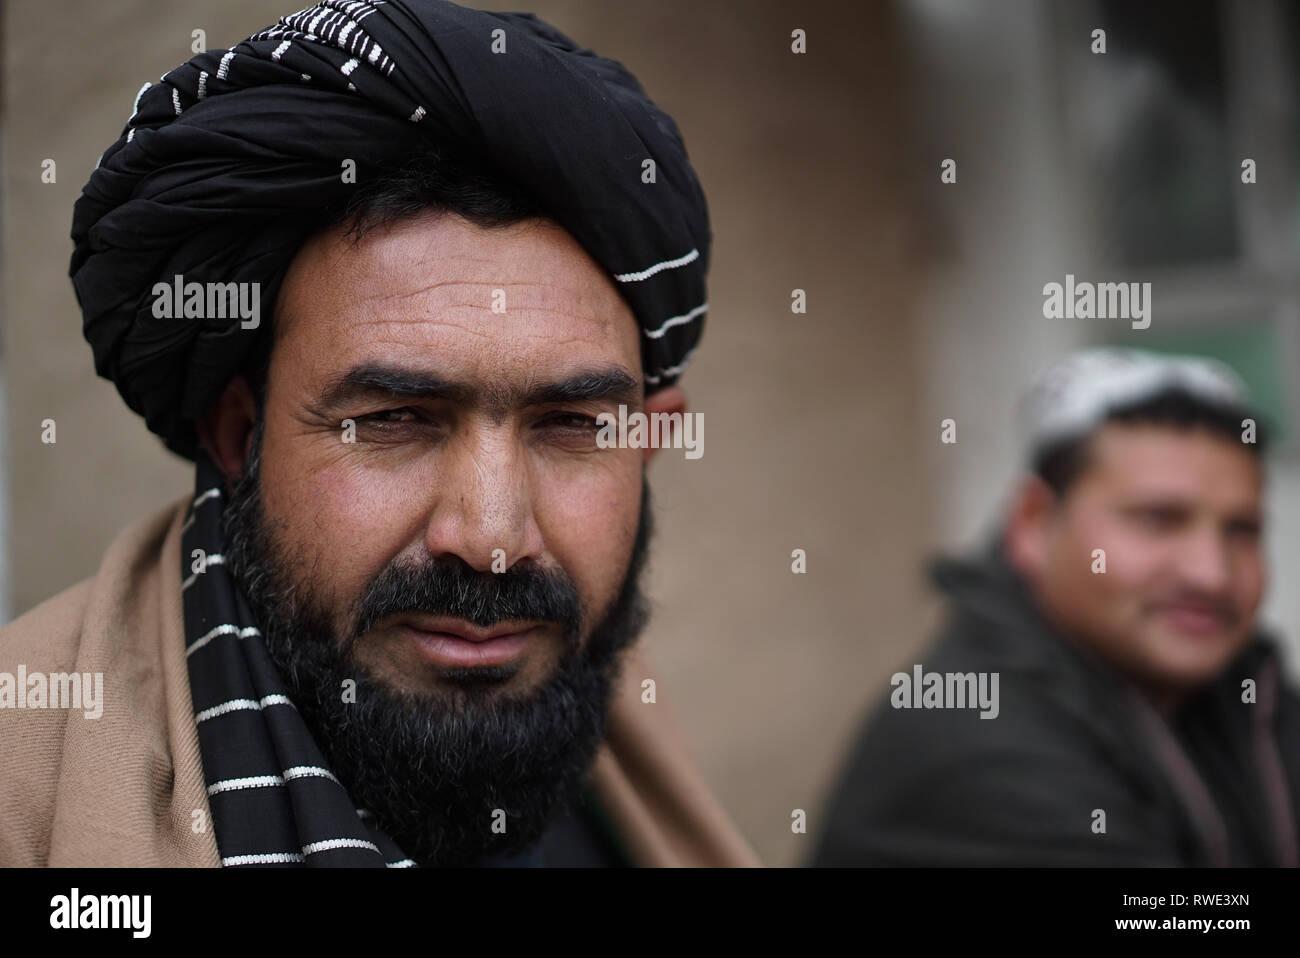 Personas en un campamento de desplazados internos en las afueras de Kabul, Afganistán, 28 feb 2019. La mayoría de las 1.000 familias que abandonan en el campamento de Afganistán dejó la provincia de Helmand hace 13 años, cuando los talibanes lanzaron una gran ofensiva militar en el ejército afgano y las fuerzas de la coalición en Helmand. Ahora la mayoría de los hogares tiene más de 10 miembros, según los campamentos líder, ellos no tienen ningún centro médico en el campamento y la escuela puede enseñar sólo un máximo de 80 niños. La infraestructura deficiente y la higiene enfermedades como las infecciones gastrointestinales, infecciones de la piel y enfermedades respiratorias prevalentes. Foto de stock